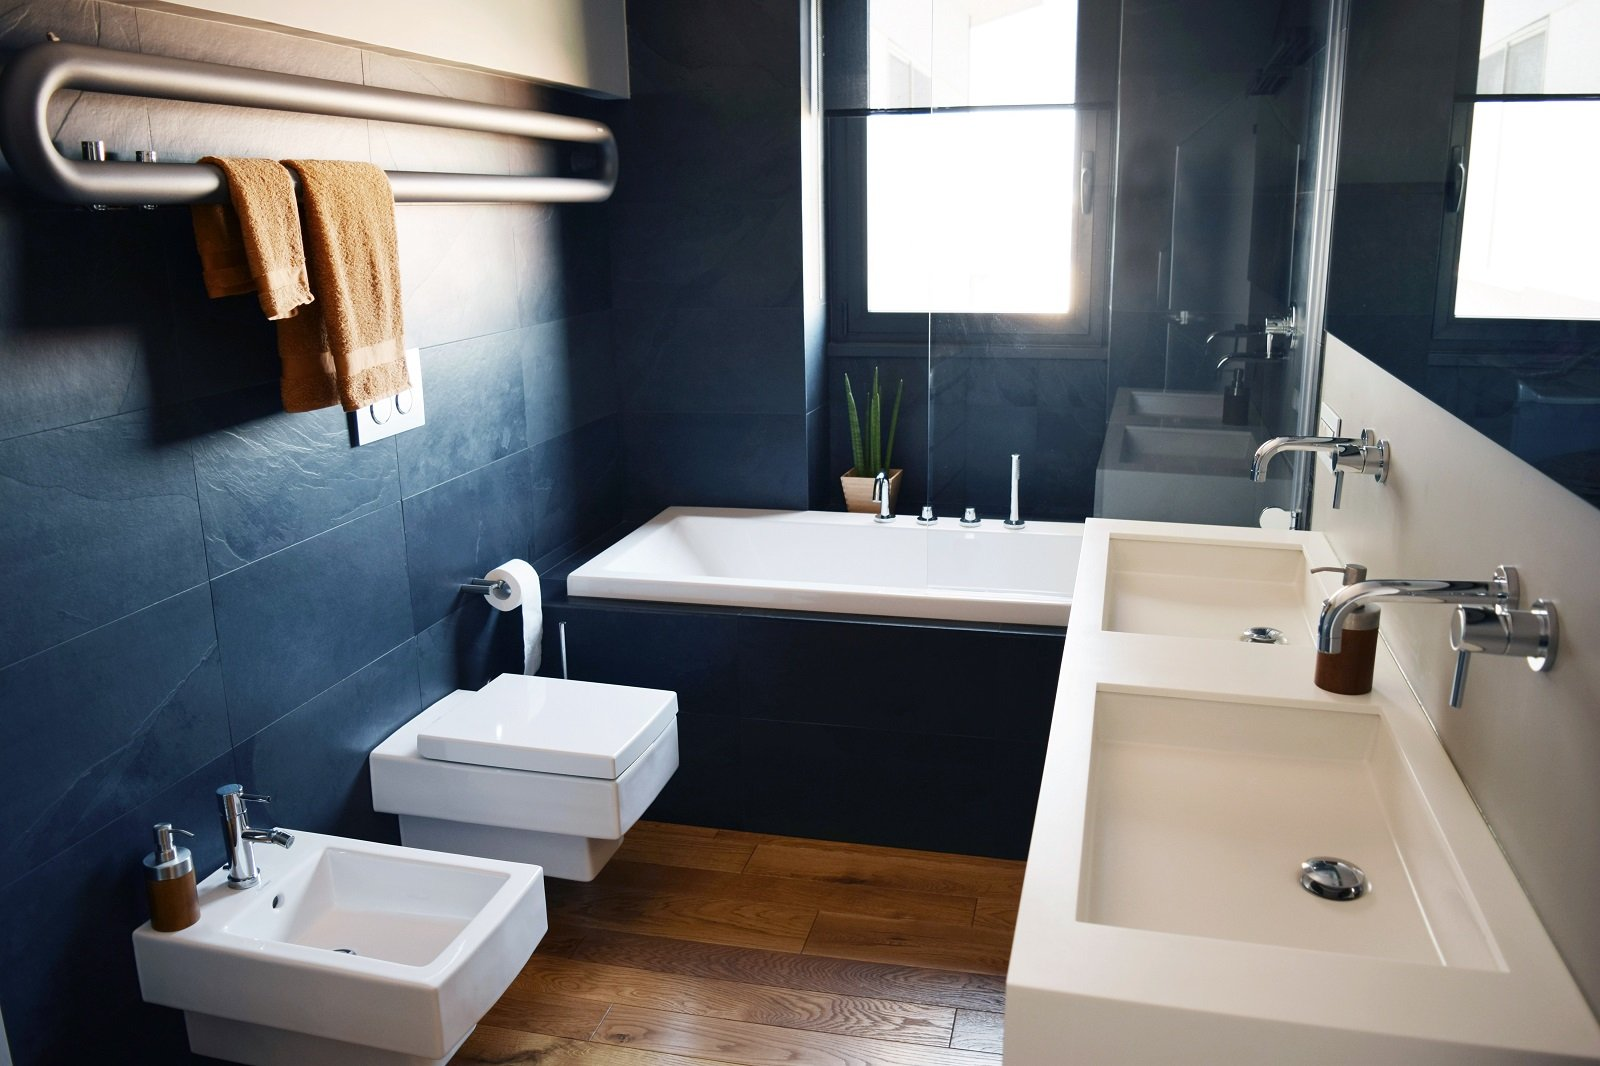 Sottotetto su due livelli con ambienti open space cose - Smalto per pareti bagno ...